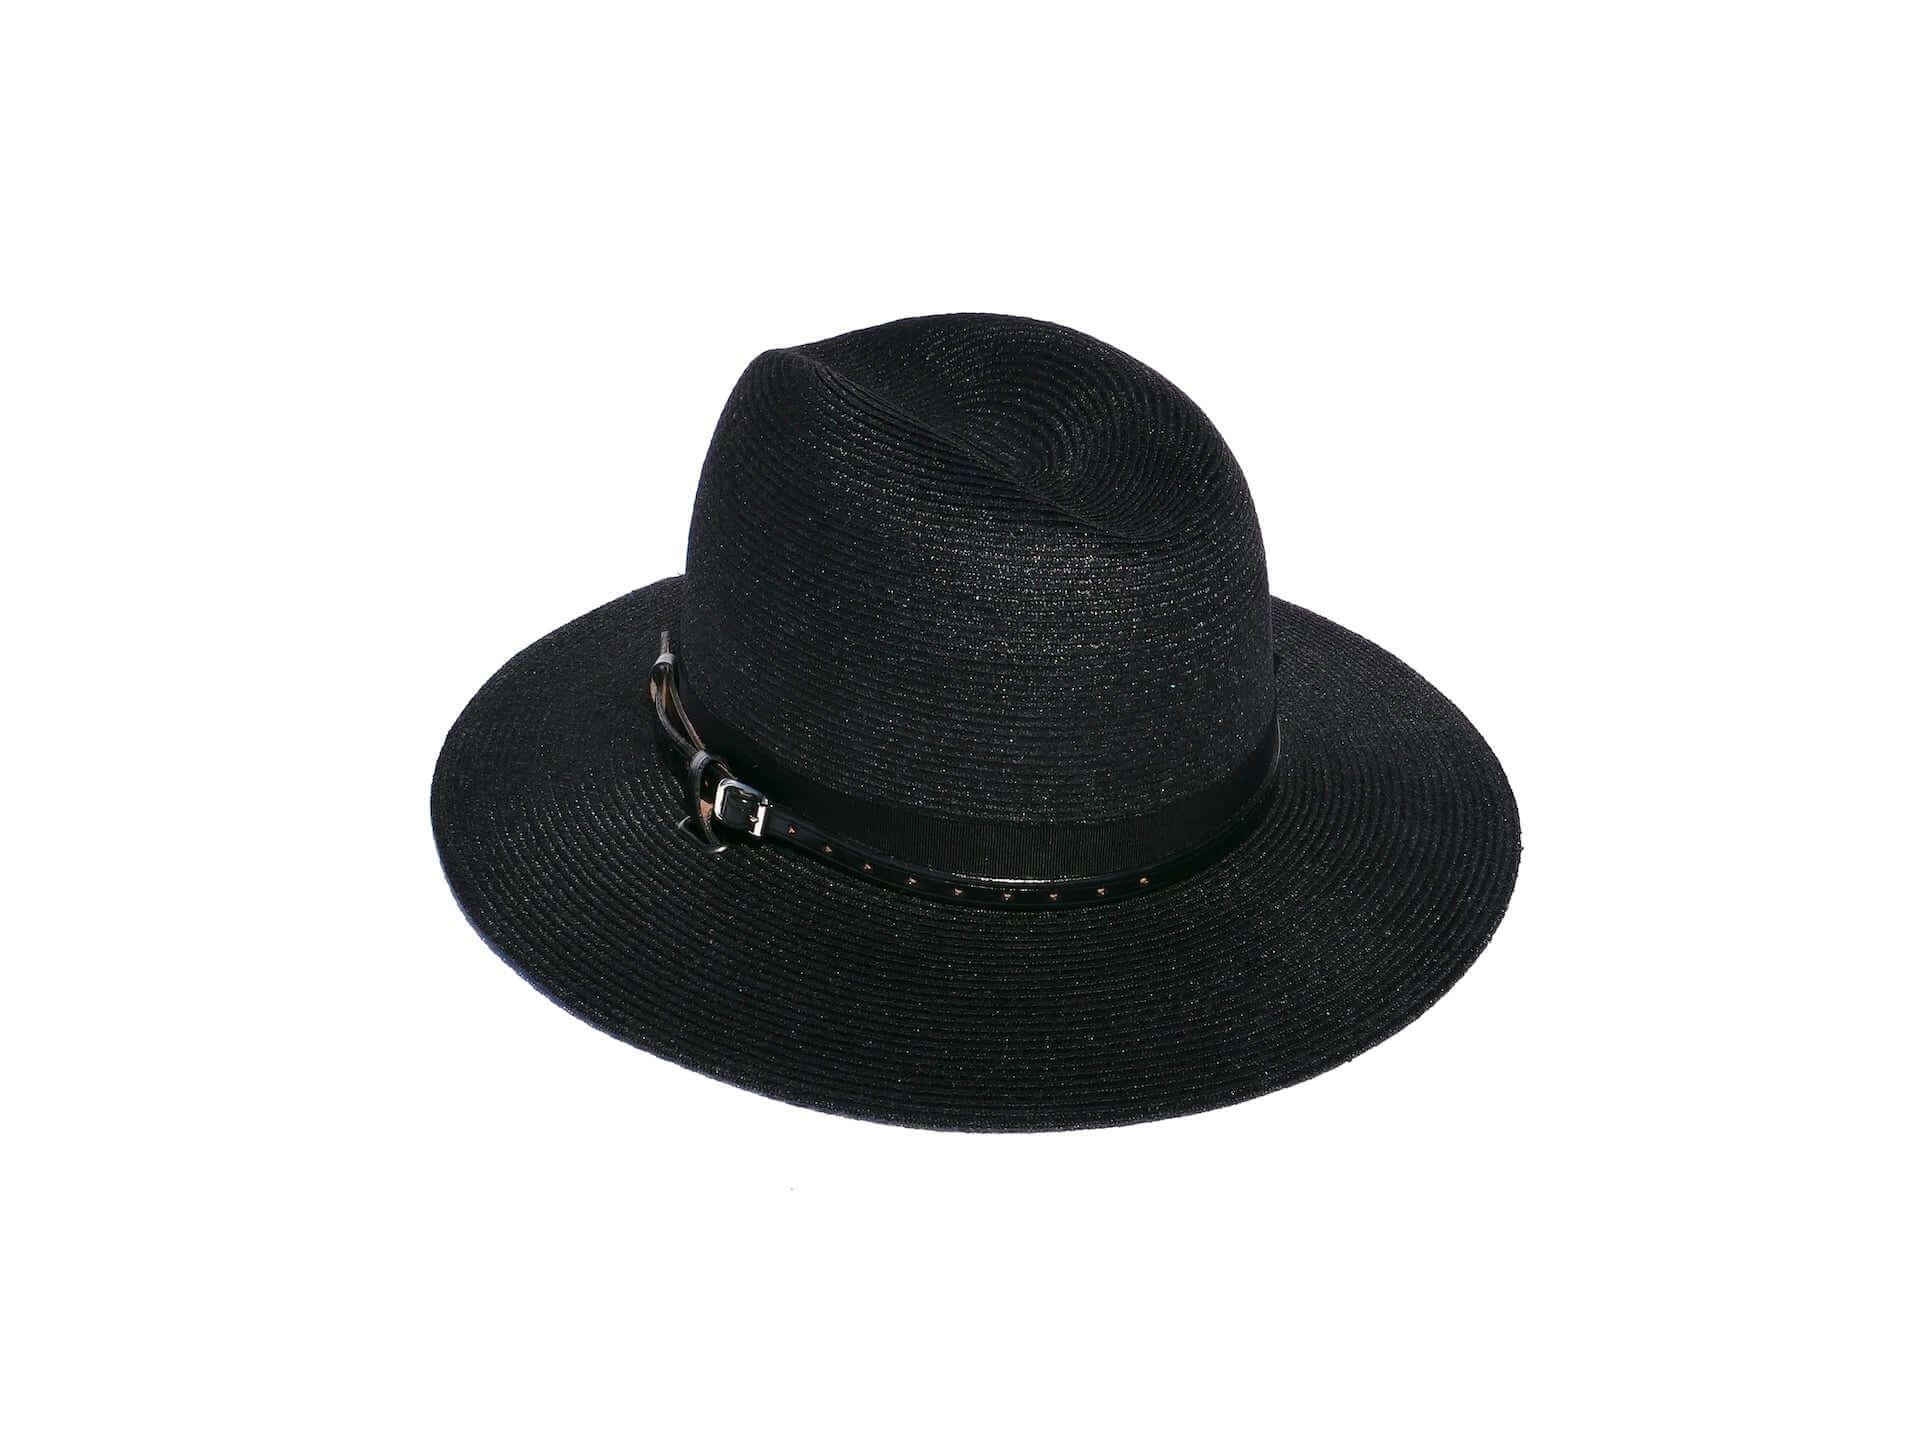 新たな帽子ブランド「Jerry Wander」に現代的レンジャーハットが登場!WAGAMAMA TOKYOとの別注モデルも life200408_jerrywander_1-1920x1440